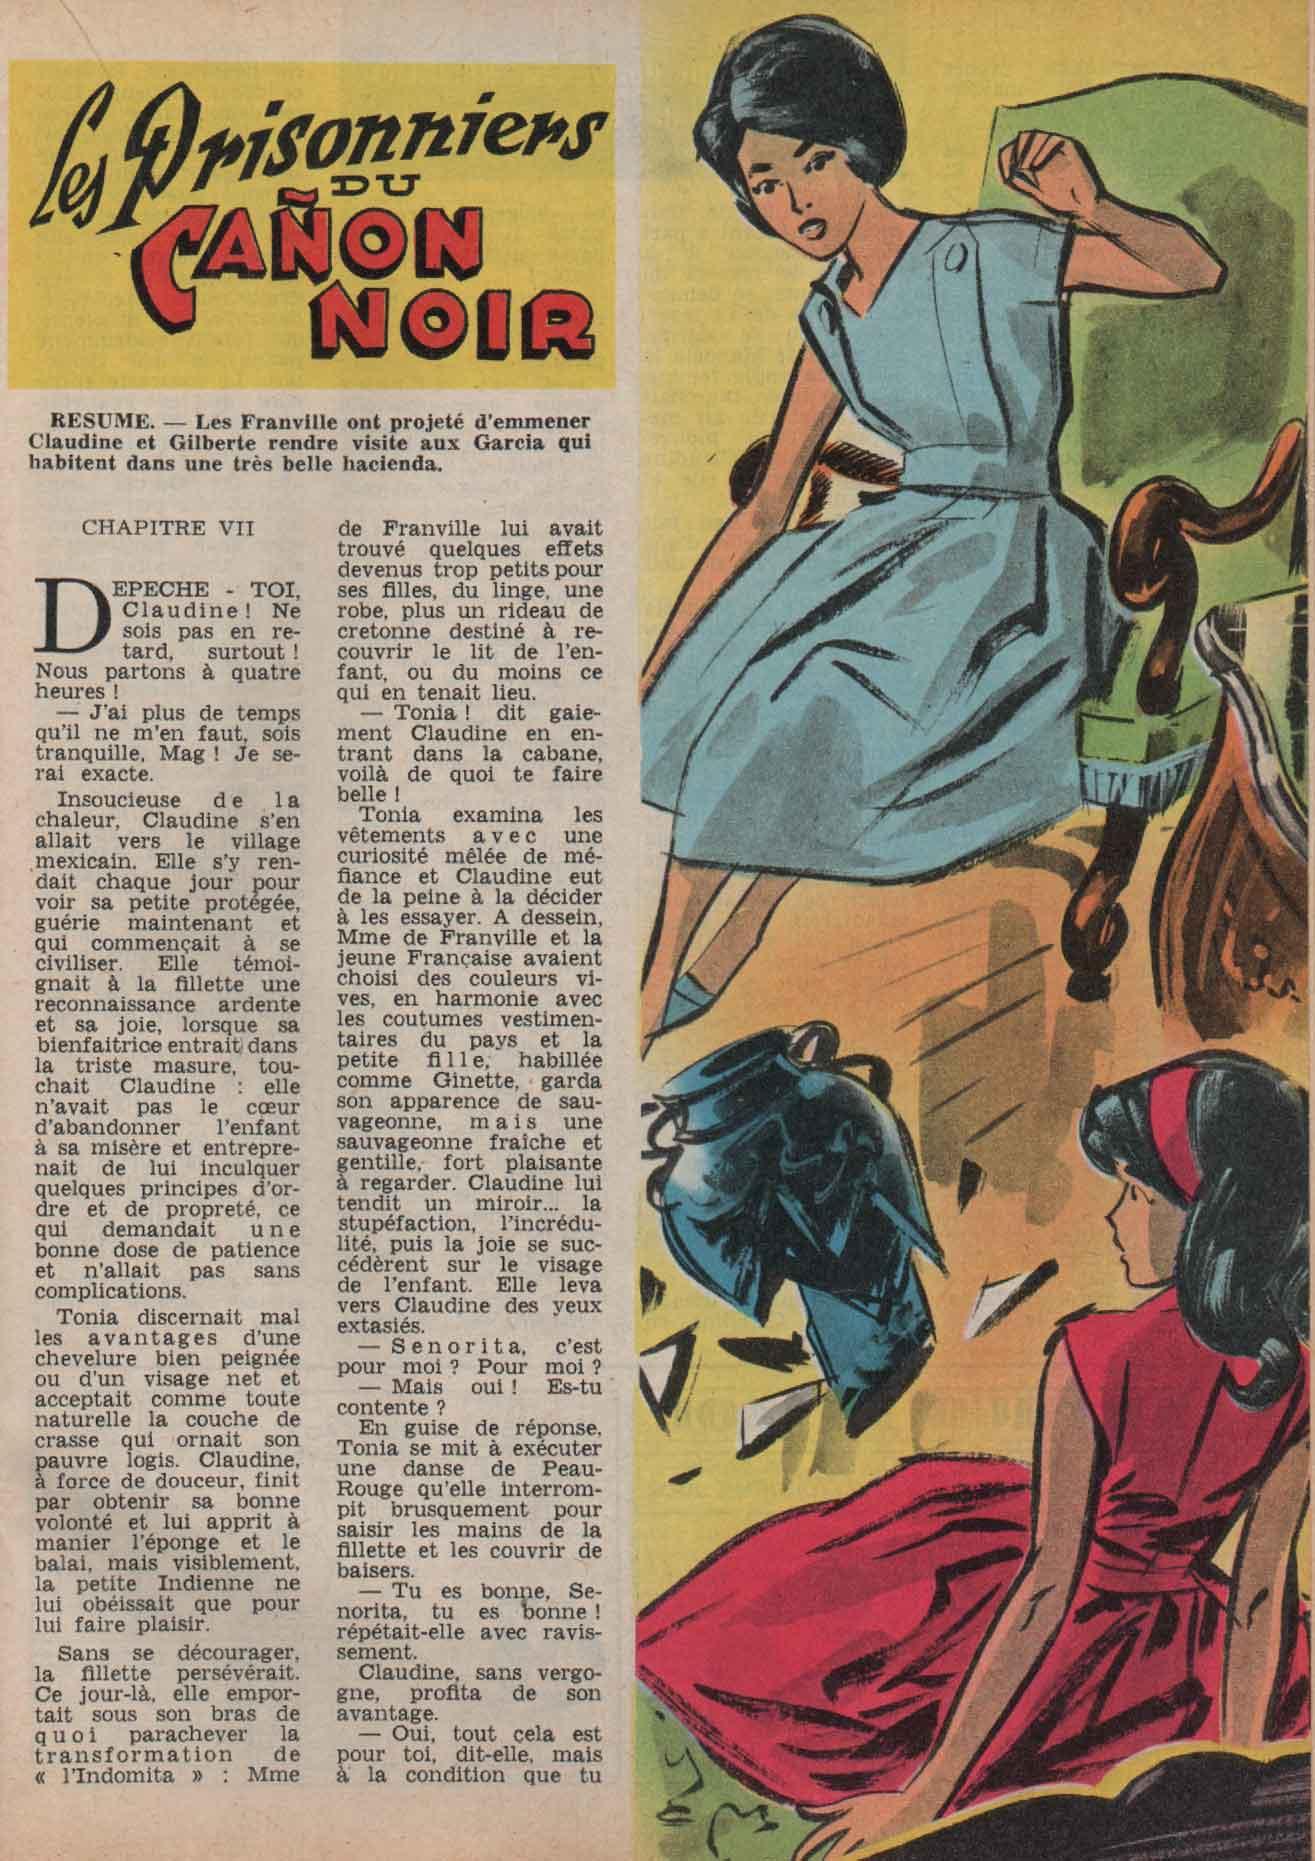 « Le Prisonnier du canon noir » Mireille n° 336 (15/04/1961).